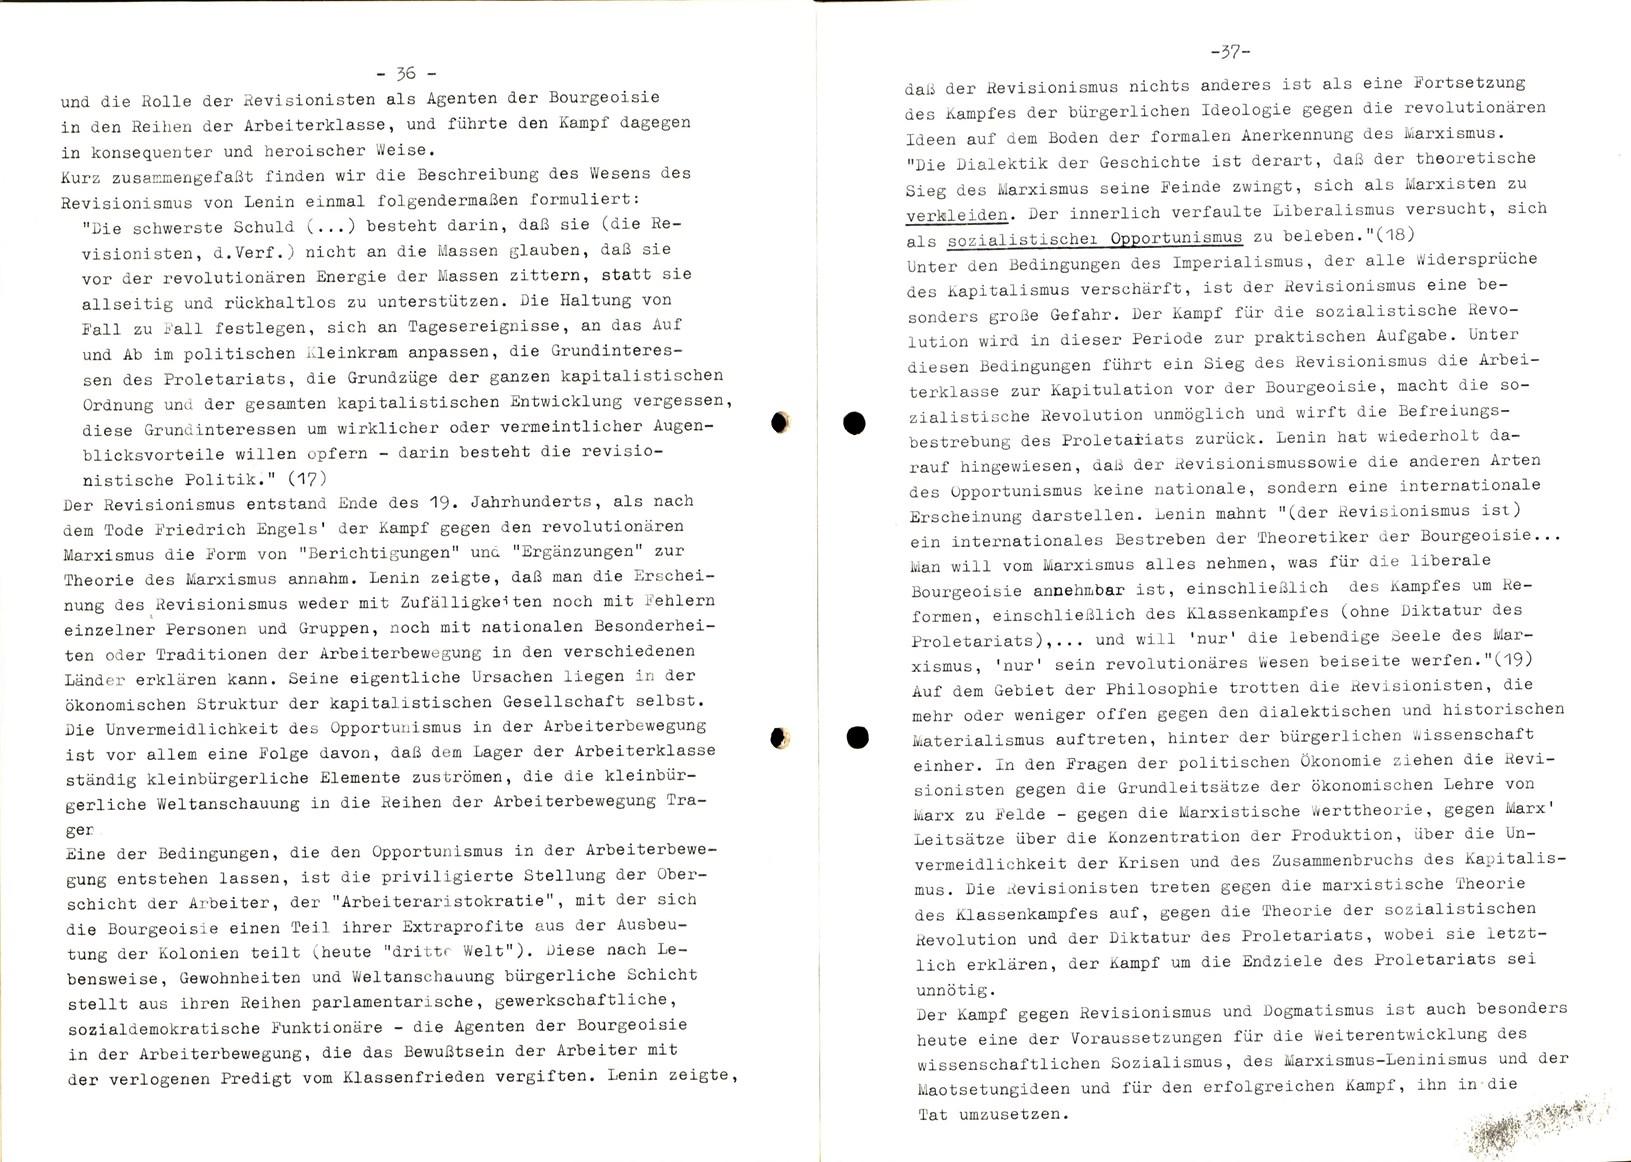 Aachen_KSBML_1971_Selbstkritik_20